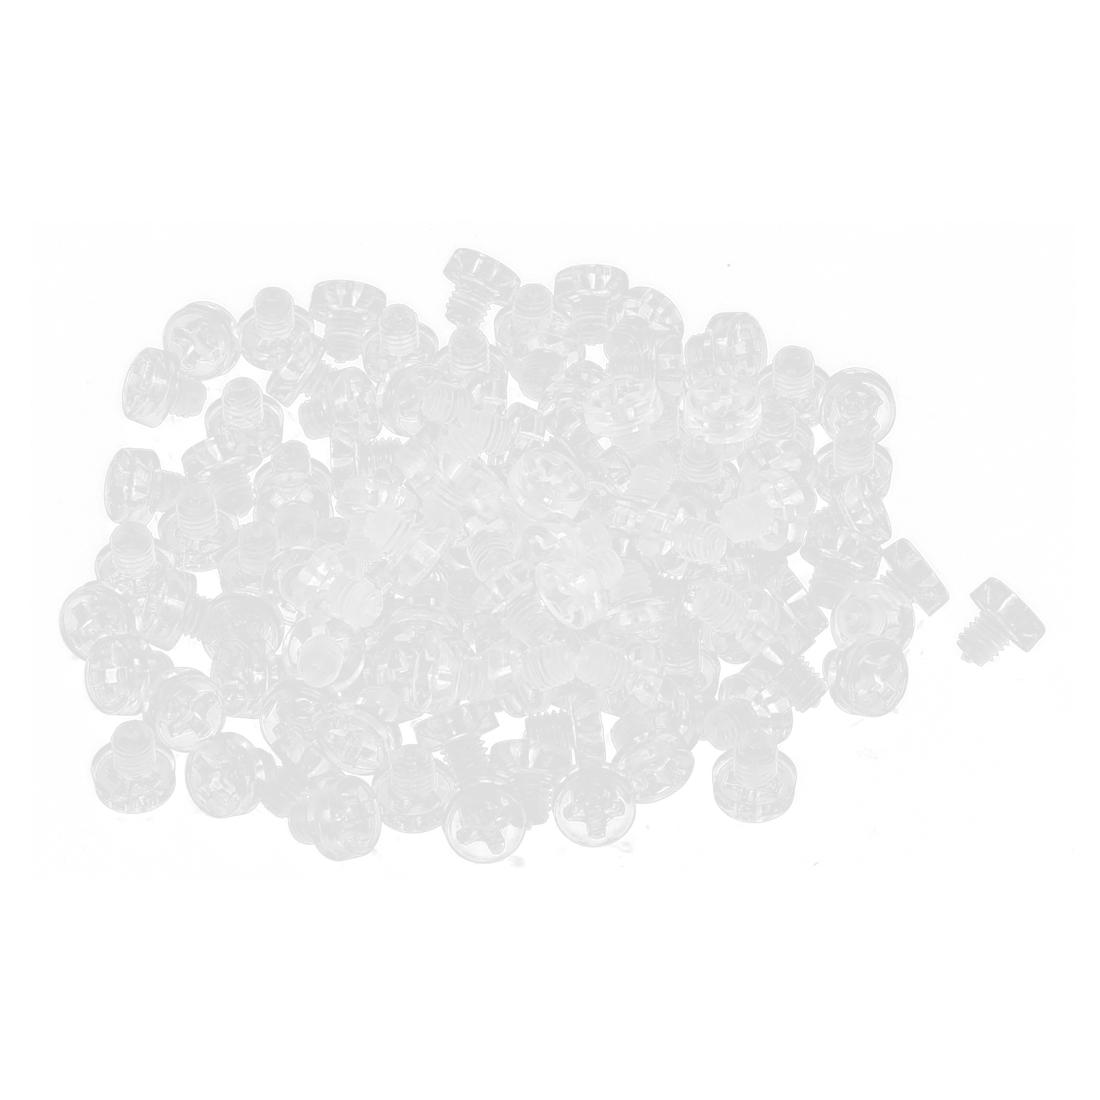 100pcs M3 x 3mm Plastic Phillips Cross Head Machine Screws Clear